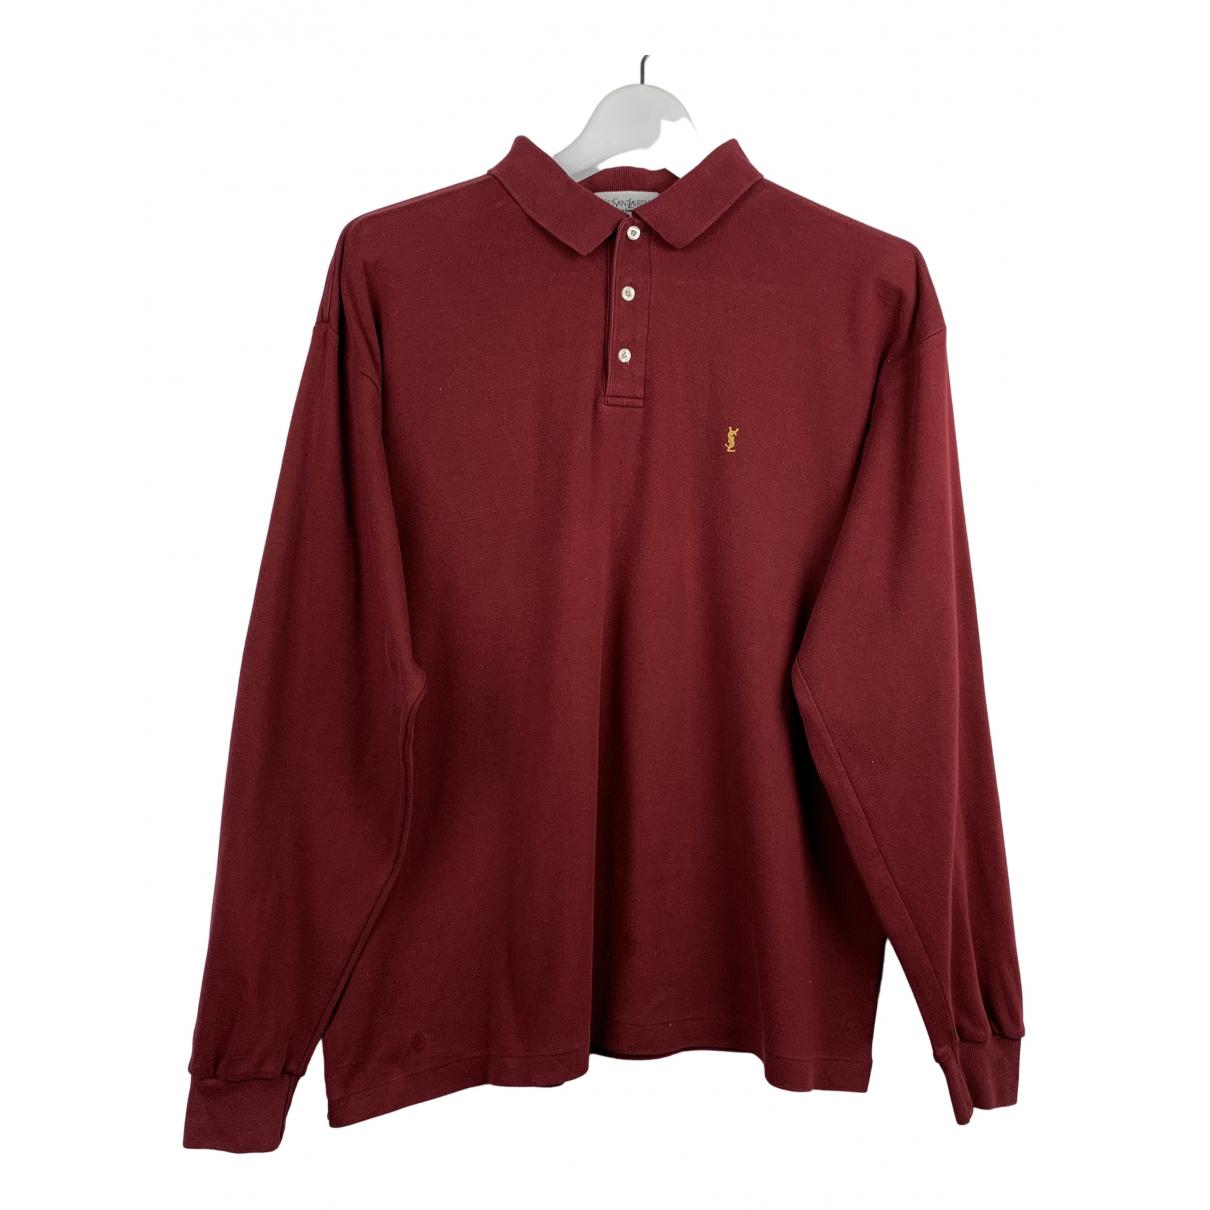 Yves Saint Laurent - Pulls.Gilets.Sweats   pour homme en coton - rouge